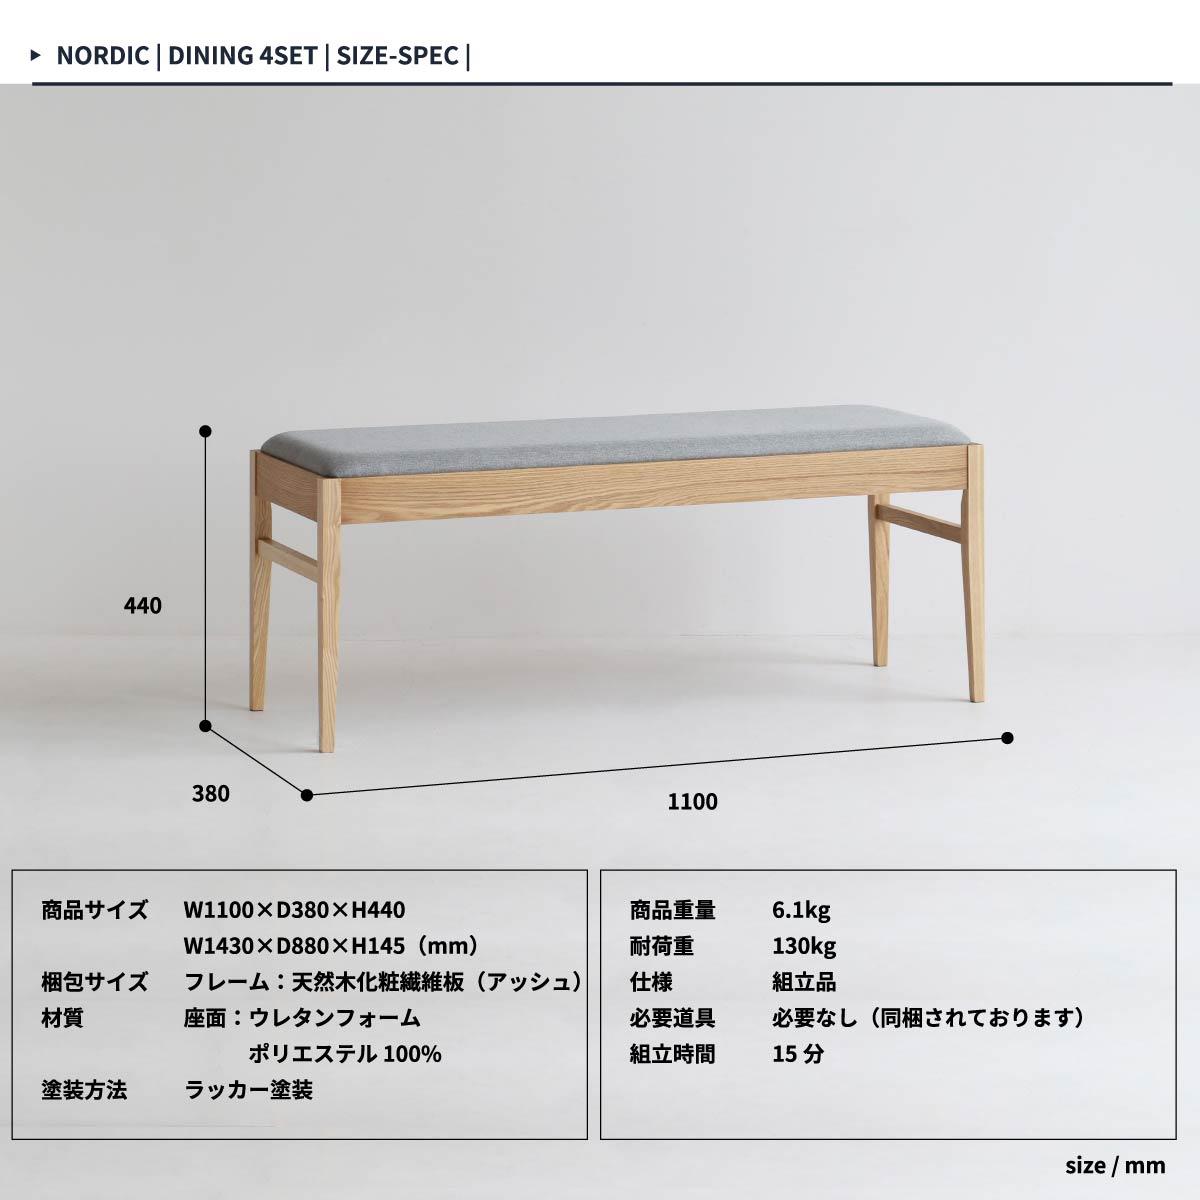 4人 ベンチ 135 ダイニングテーブルセット 4人掛け チェア 食卓 テーブル 北欧 木製 天然木 おしゃれ シンプル ナチュラル